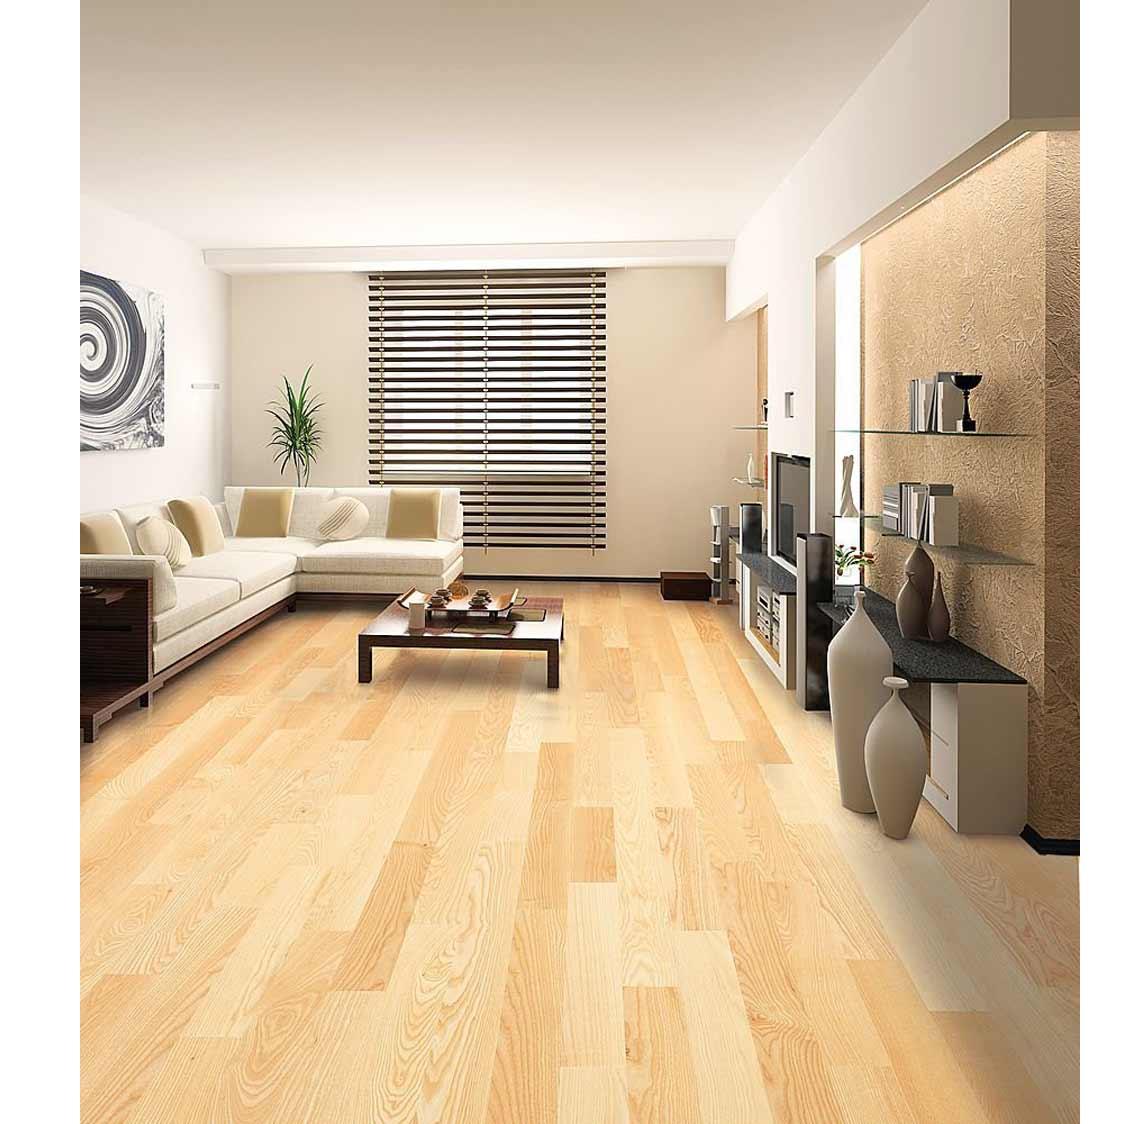 Yazco modern natural hardwood carpet design